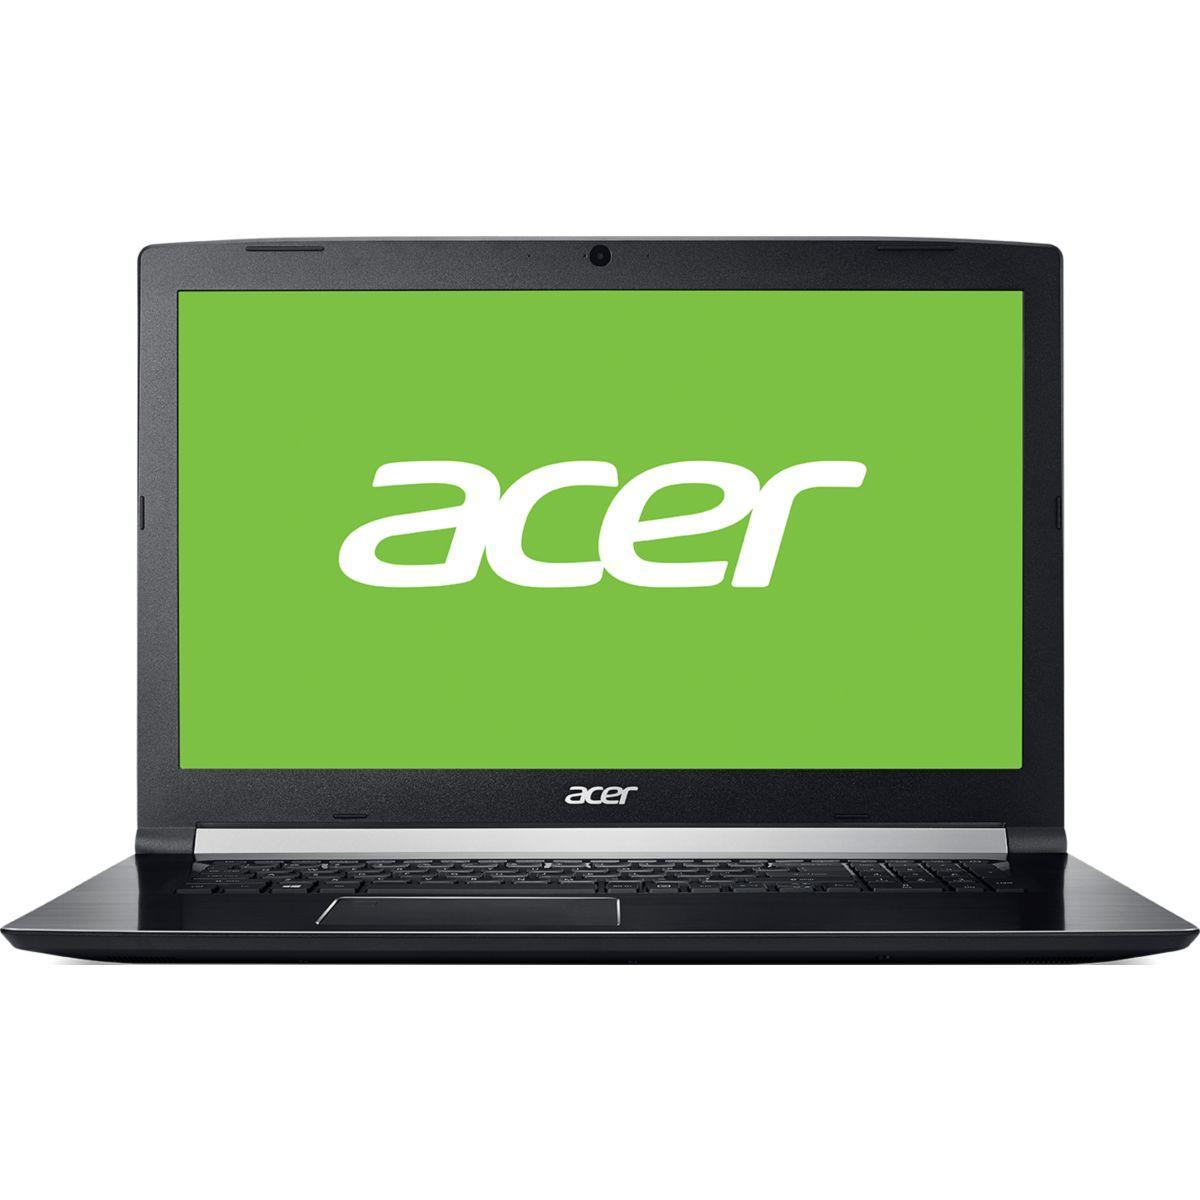 Portable acer aspire a717-71g-58p6 - livraison offerte avec le code nouveaute (photo)